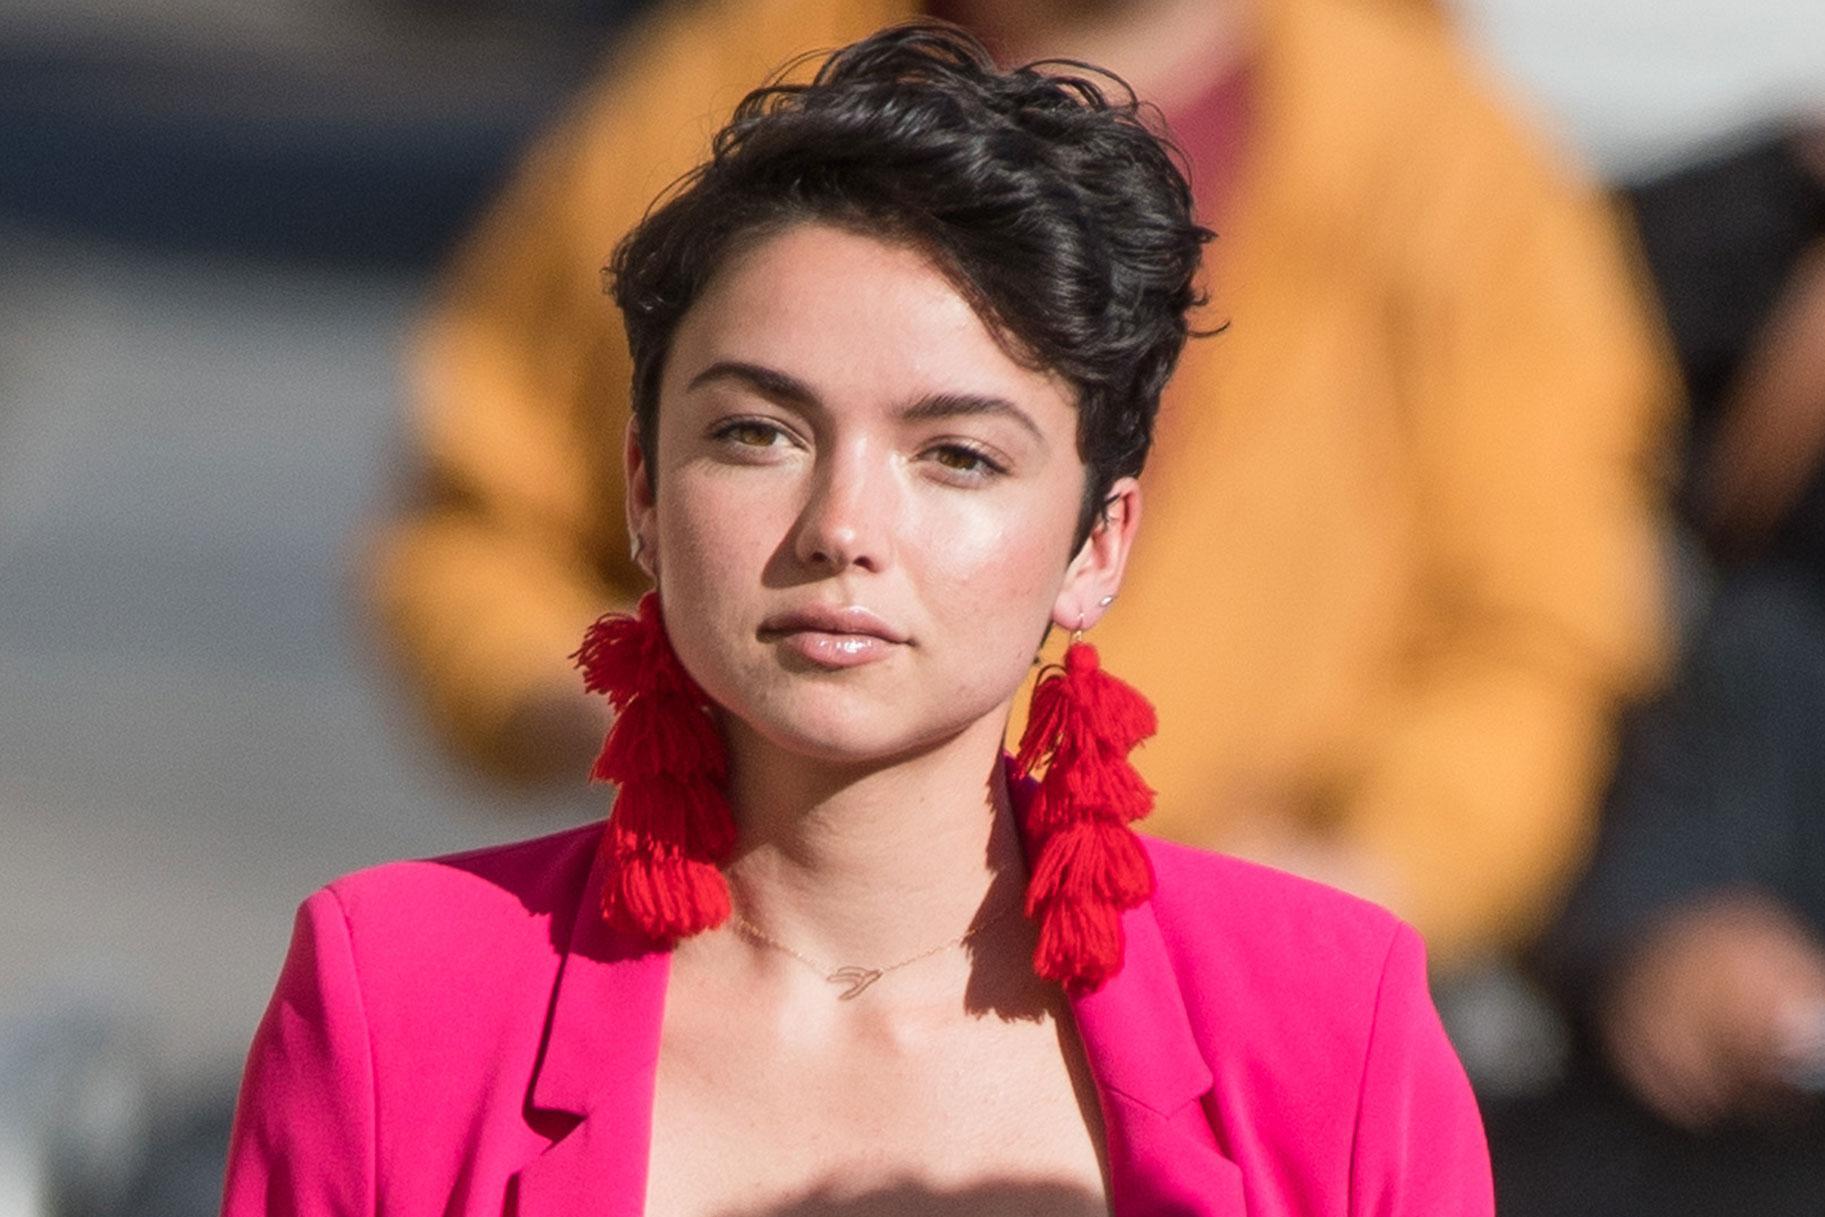 'Žalost ni linearna': Zvezdnica 'Bachelor' Bekah Martinez se odpre o dedkovem umoru